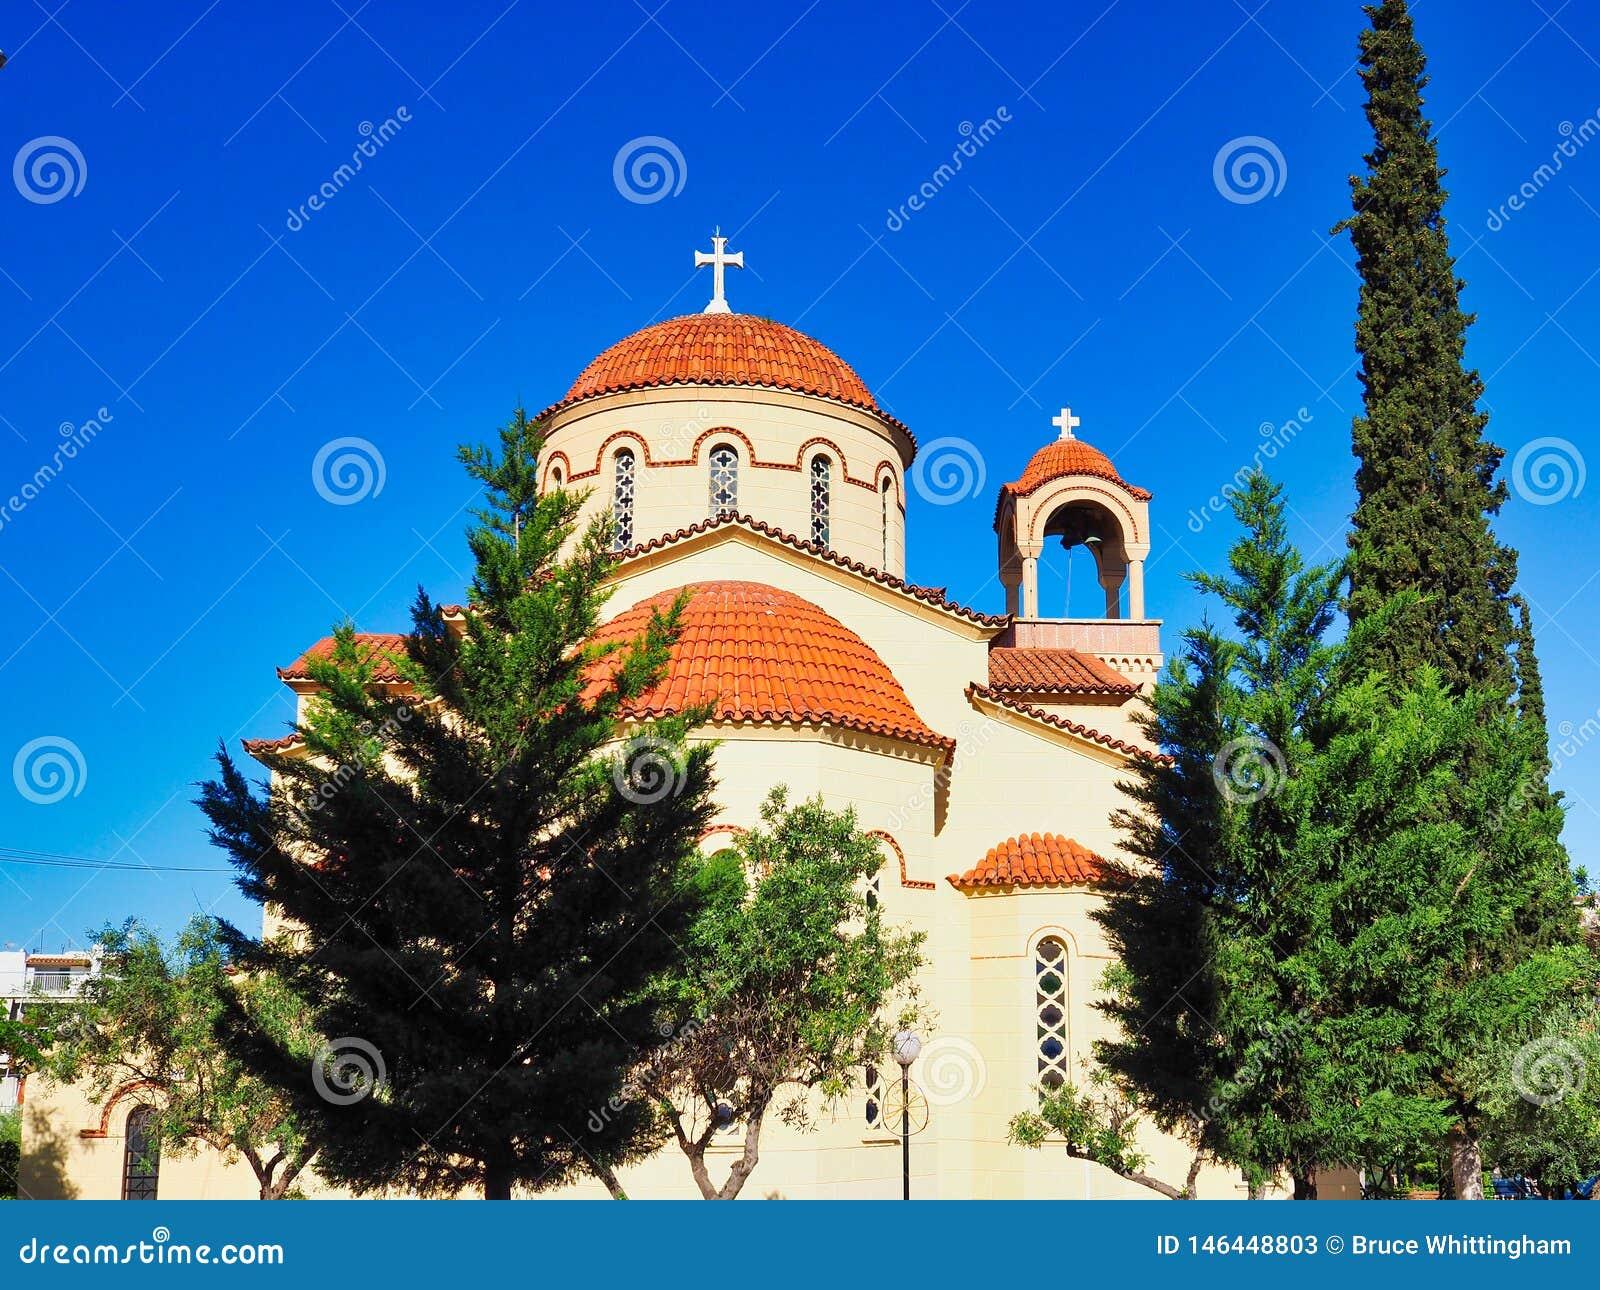 Κεραμωμένοι τερακότα θόλοι στην ελληνική Ορθόδοξη Εκκλησία, Αθήνα, Ελλάδα